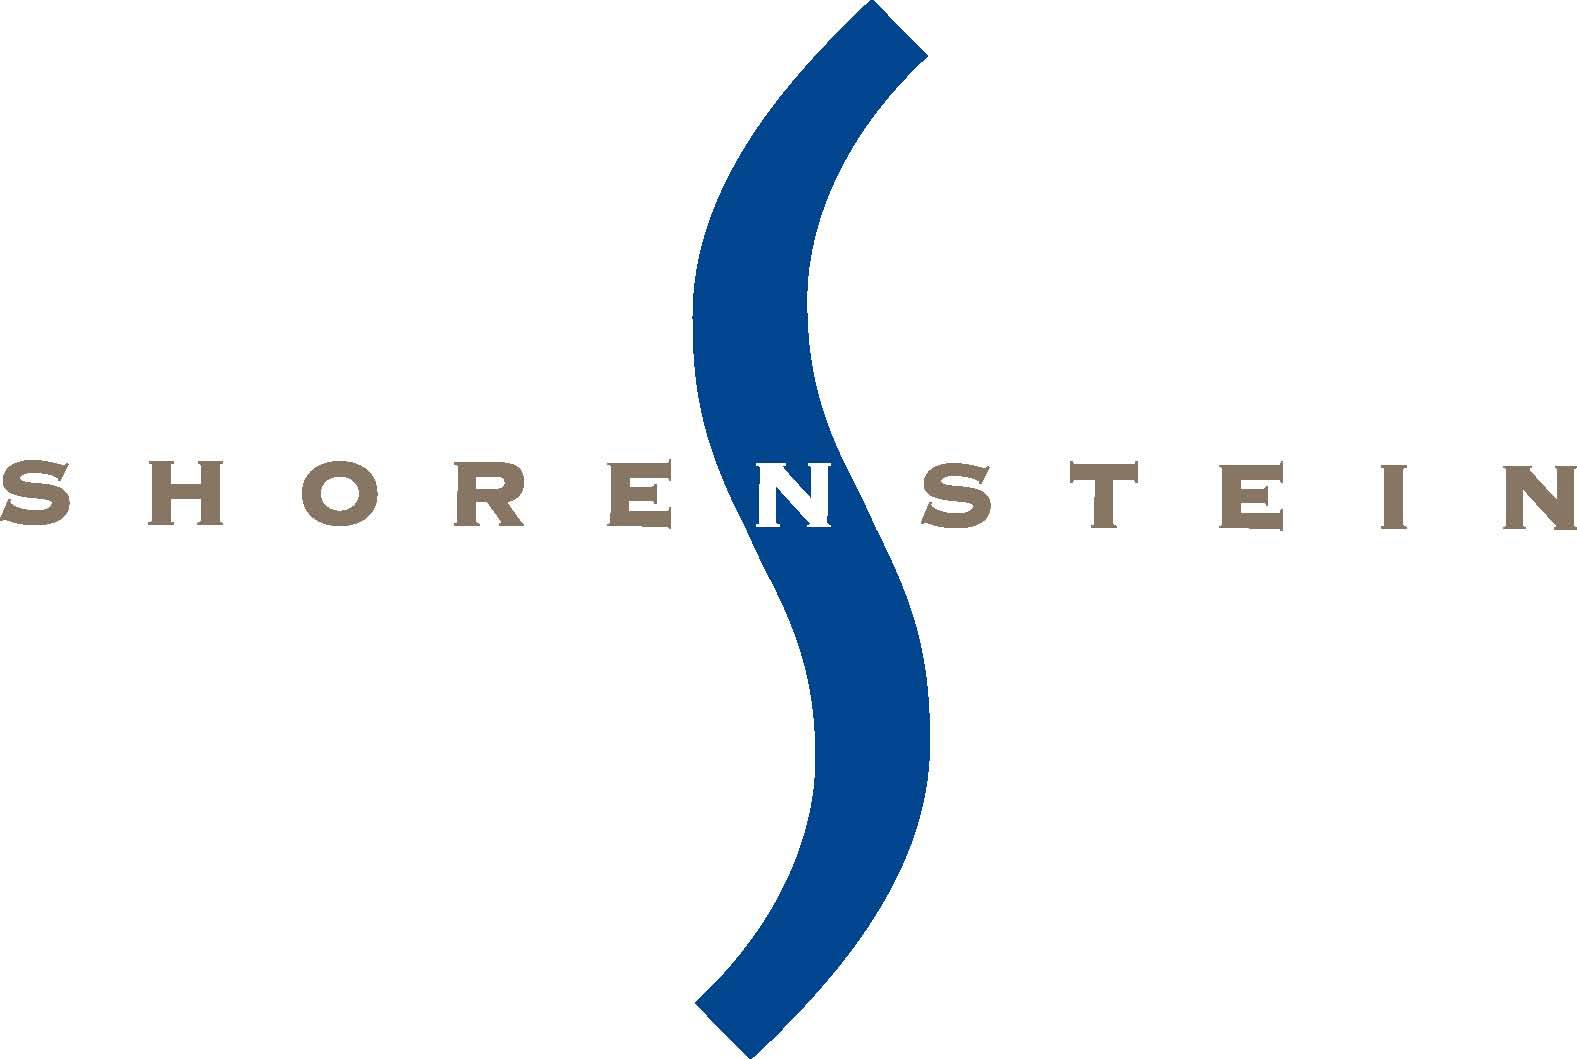 Shorenstein-logo-150.jpg